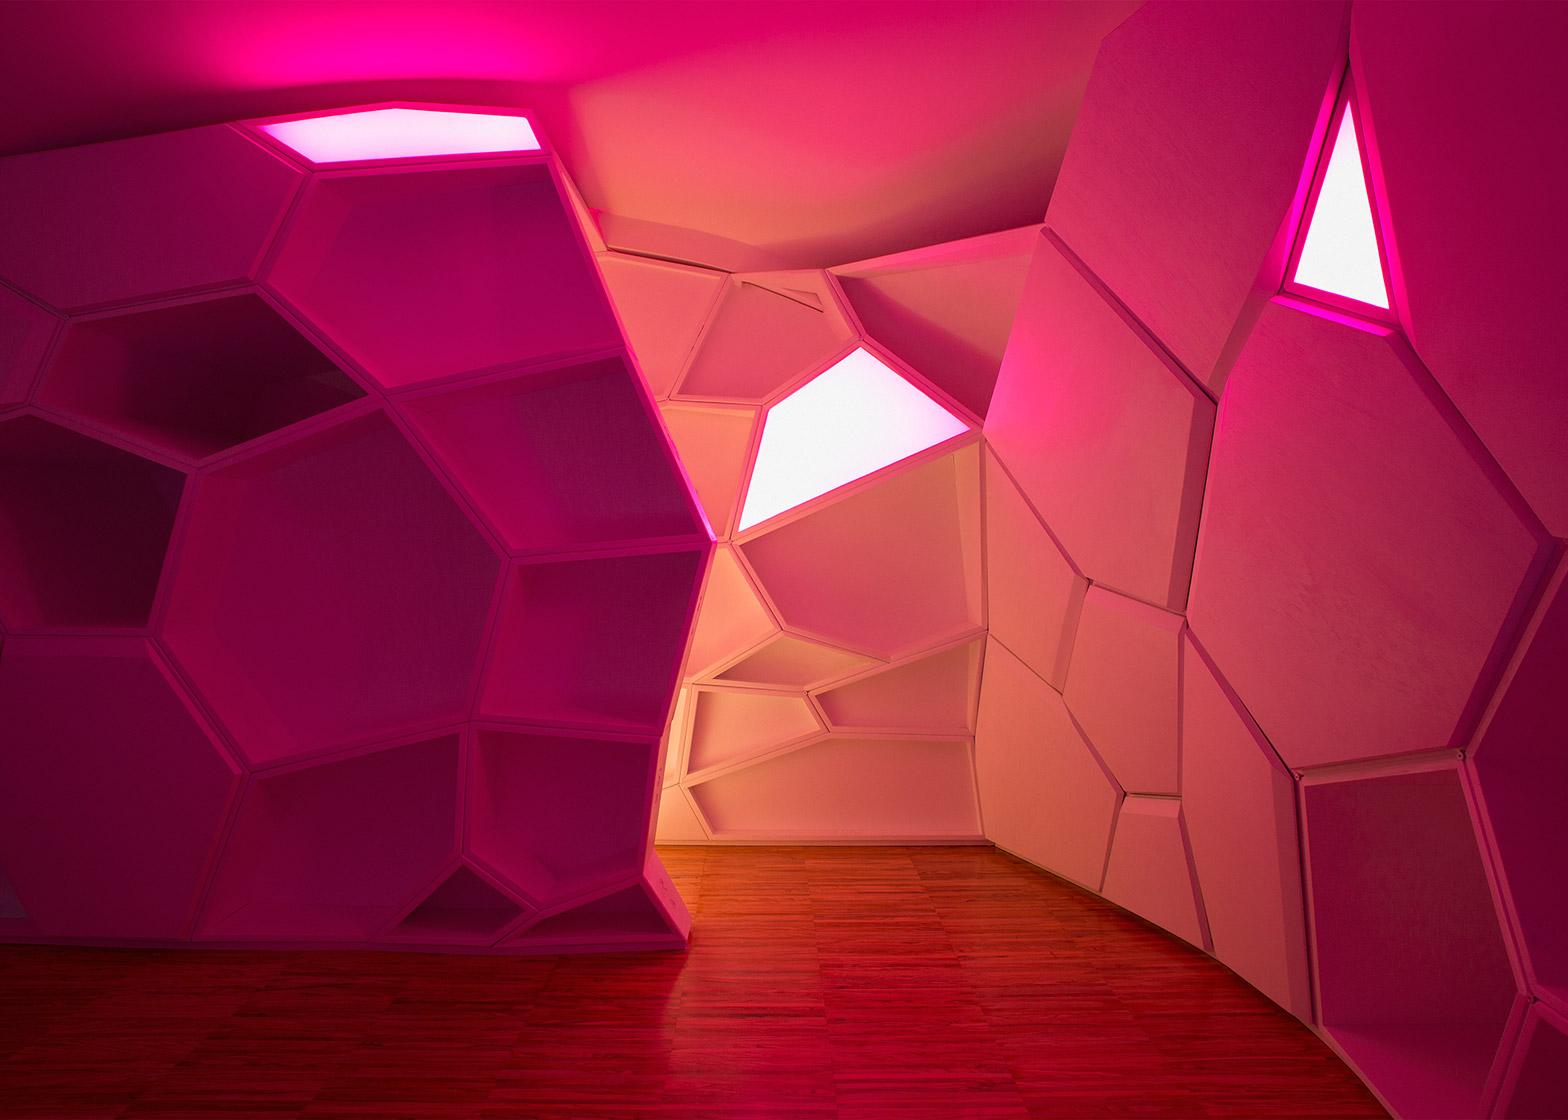 gentle-genius-gg-loop-facade-refurbishment-interior_dezeen_1568_6